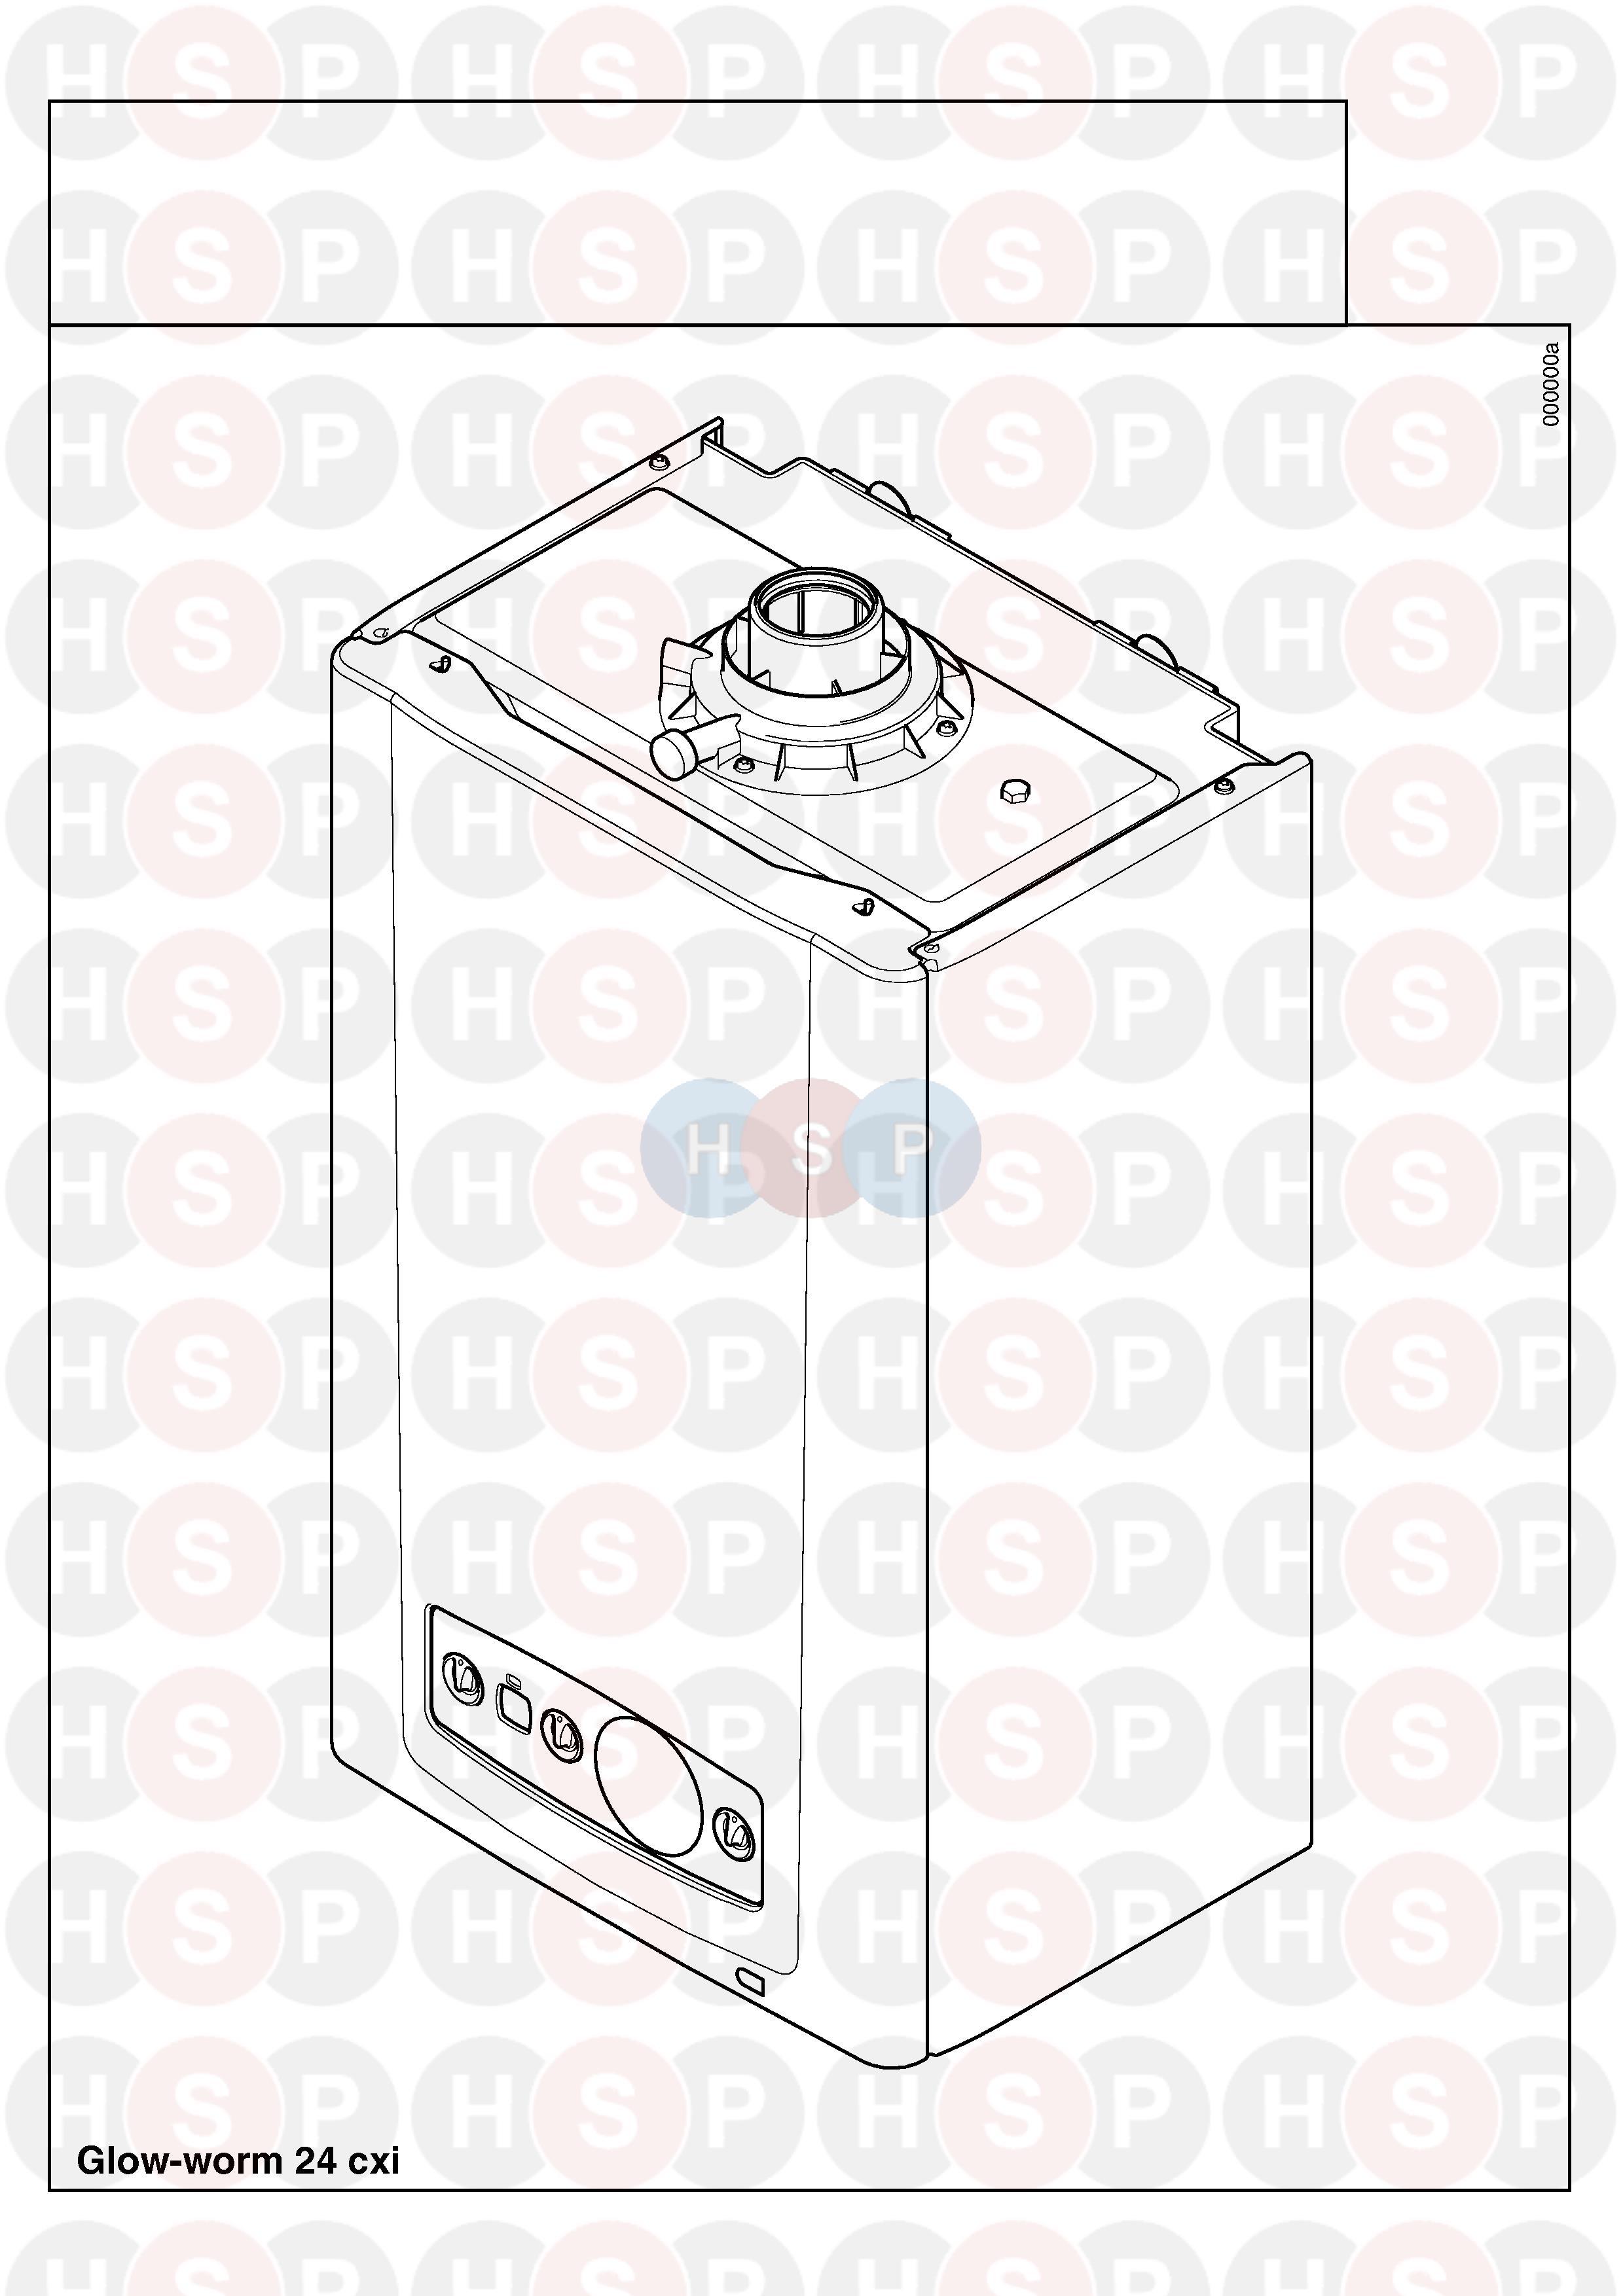 glowworm glowworm 30cxi  appliance overview  diagram